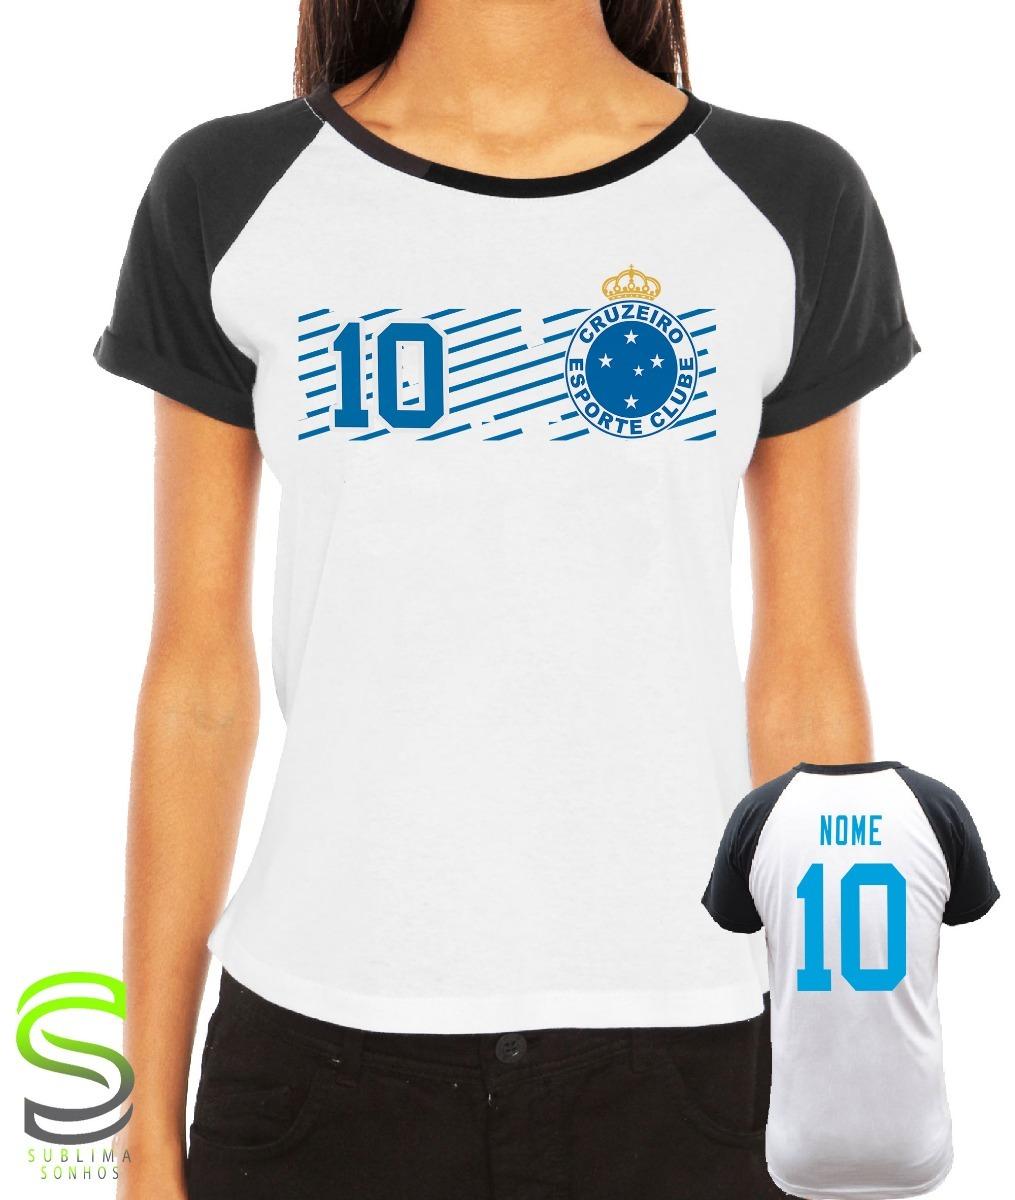 c4b090aaa8 camiseta cruzeiro feminina personalizada. Carregando zoom.